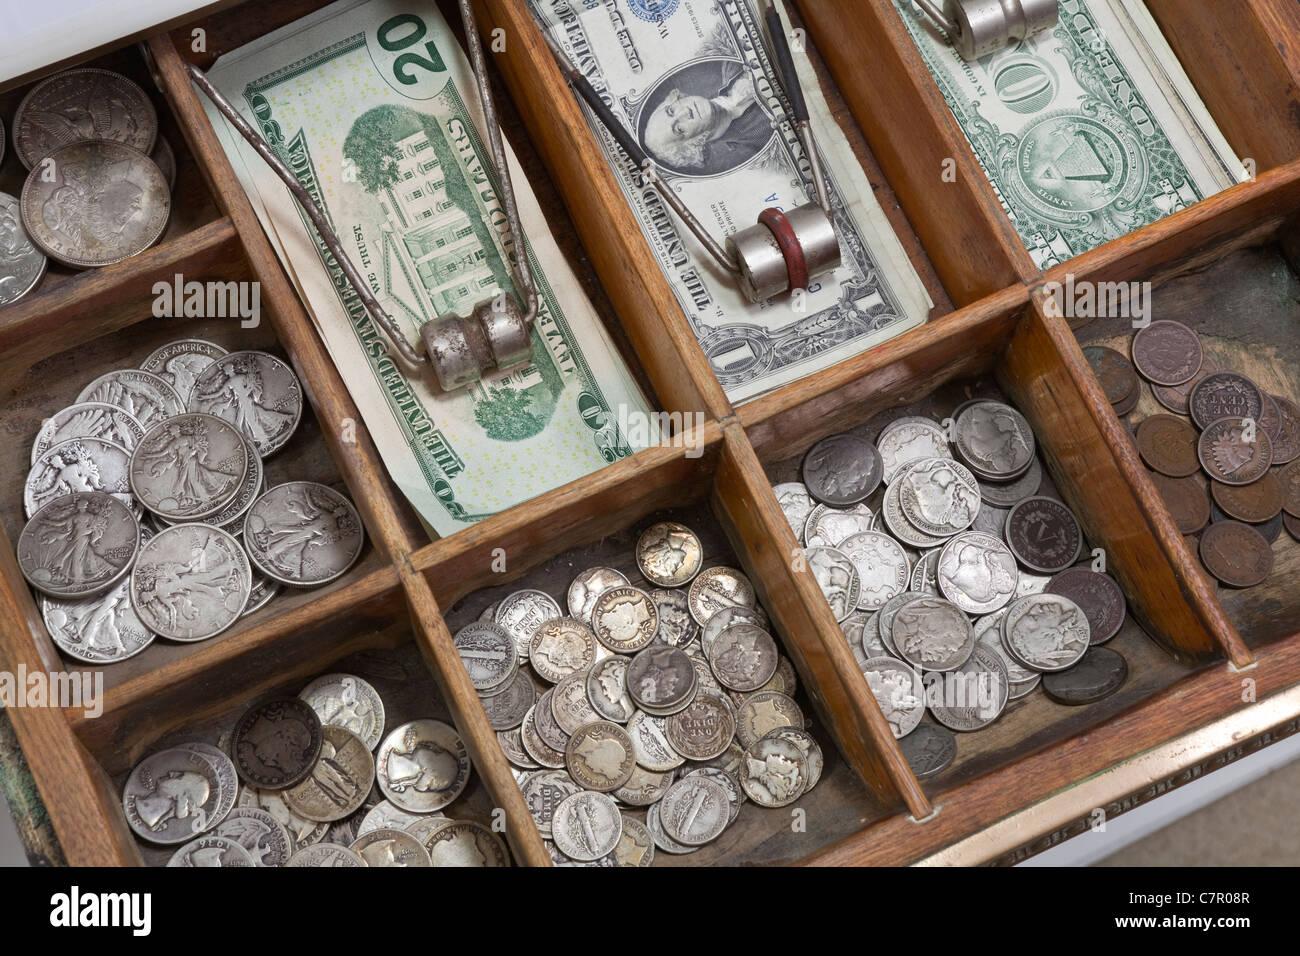 De l'argent avec de vieux tiroirs Vintage US coins des années 1930. Photo Stock